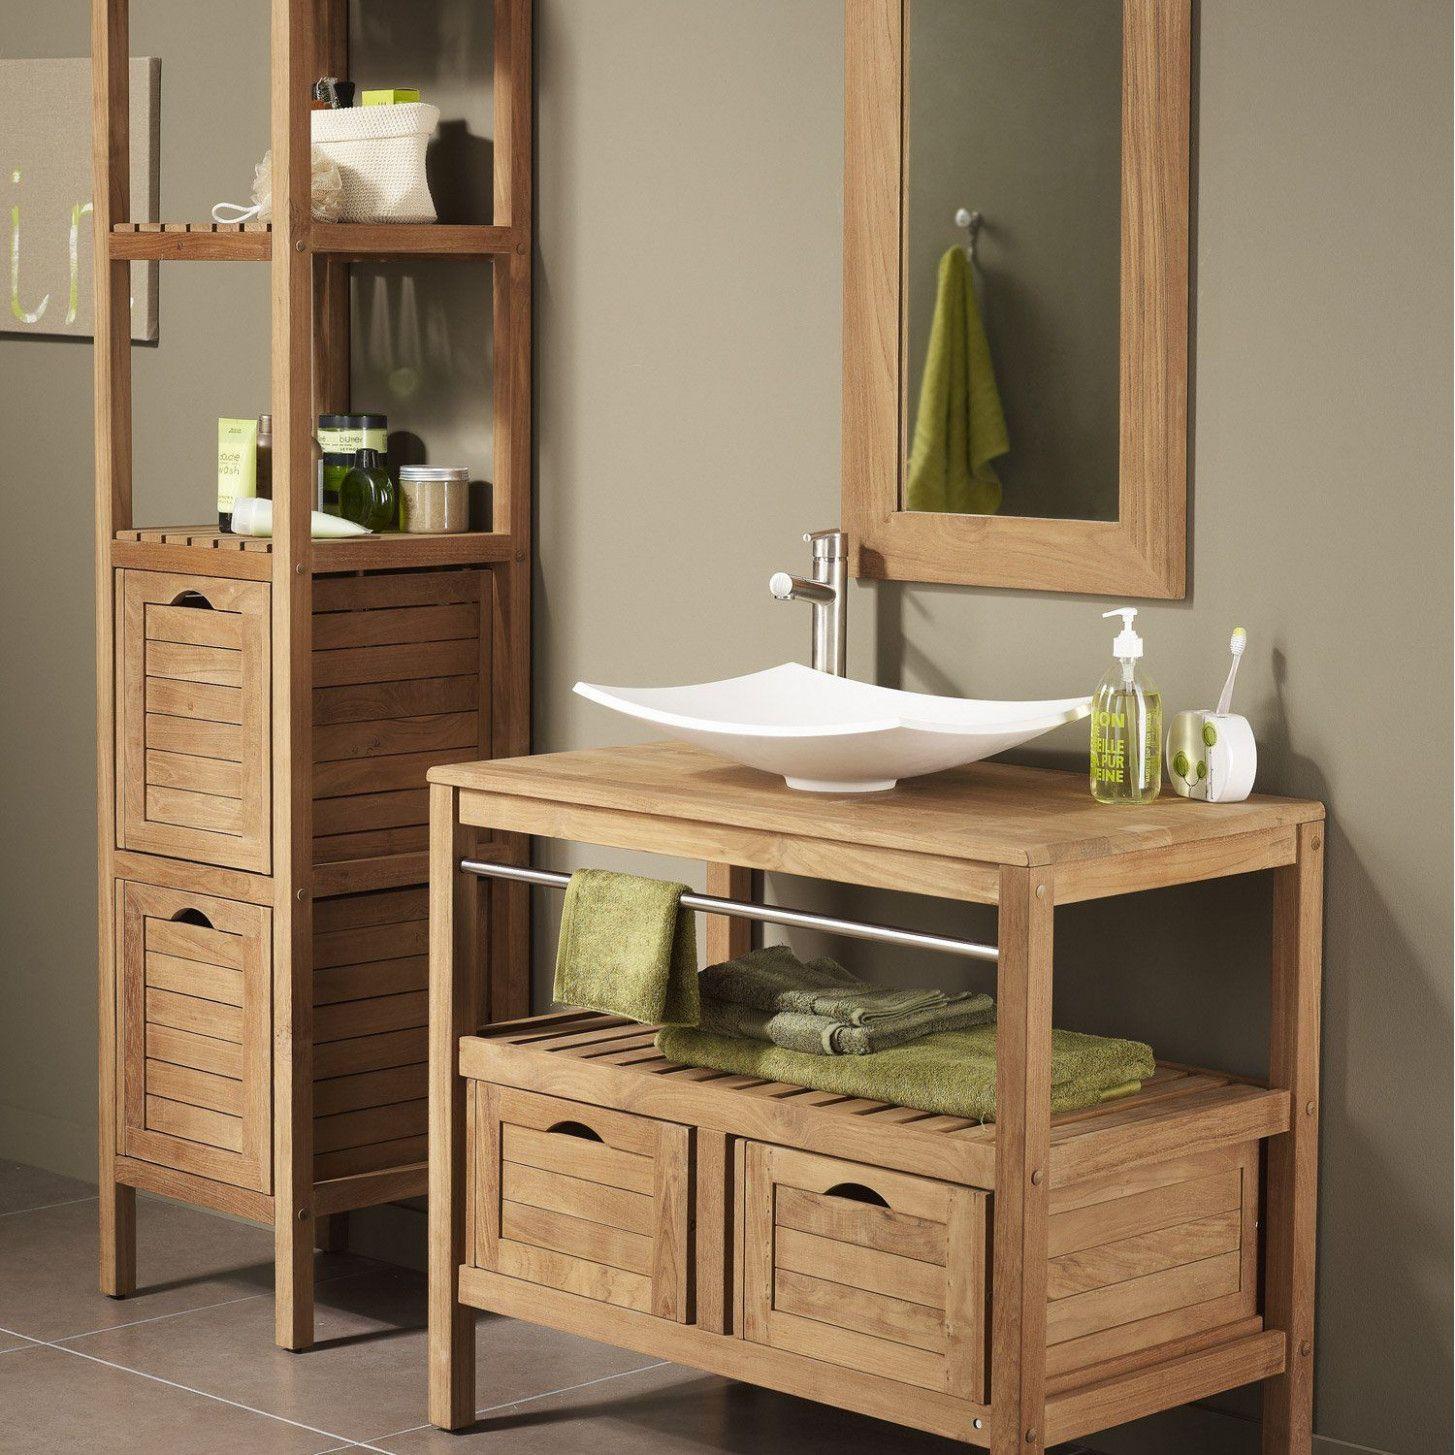 12 Inspiration Ensemble Salle De Bain Leroy Merlin In 2020 Zen Bathroom Decor Cheap Bathrooms Bathroom Furniture